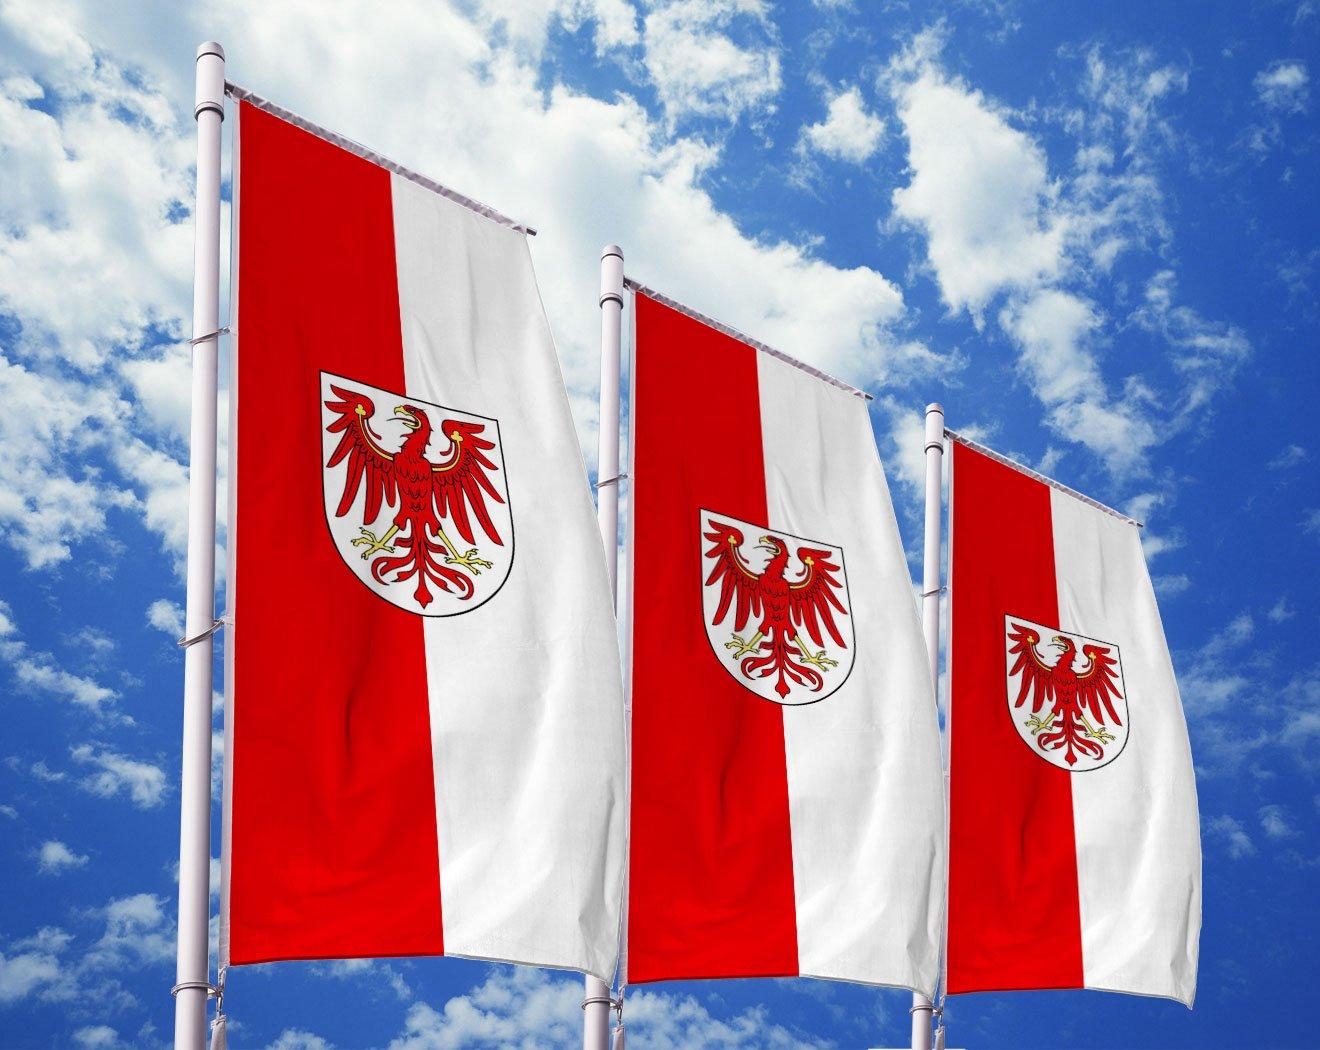 Brandenburg-Flagge mit Wappen bedrucken lassen